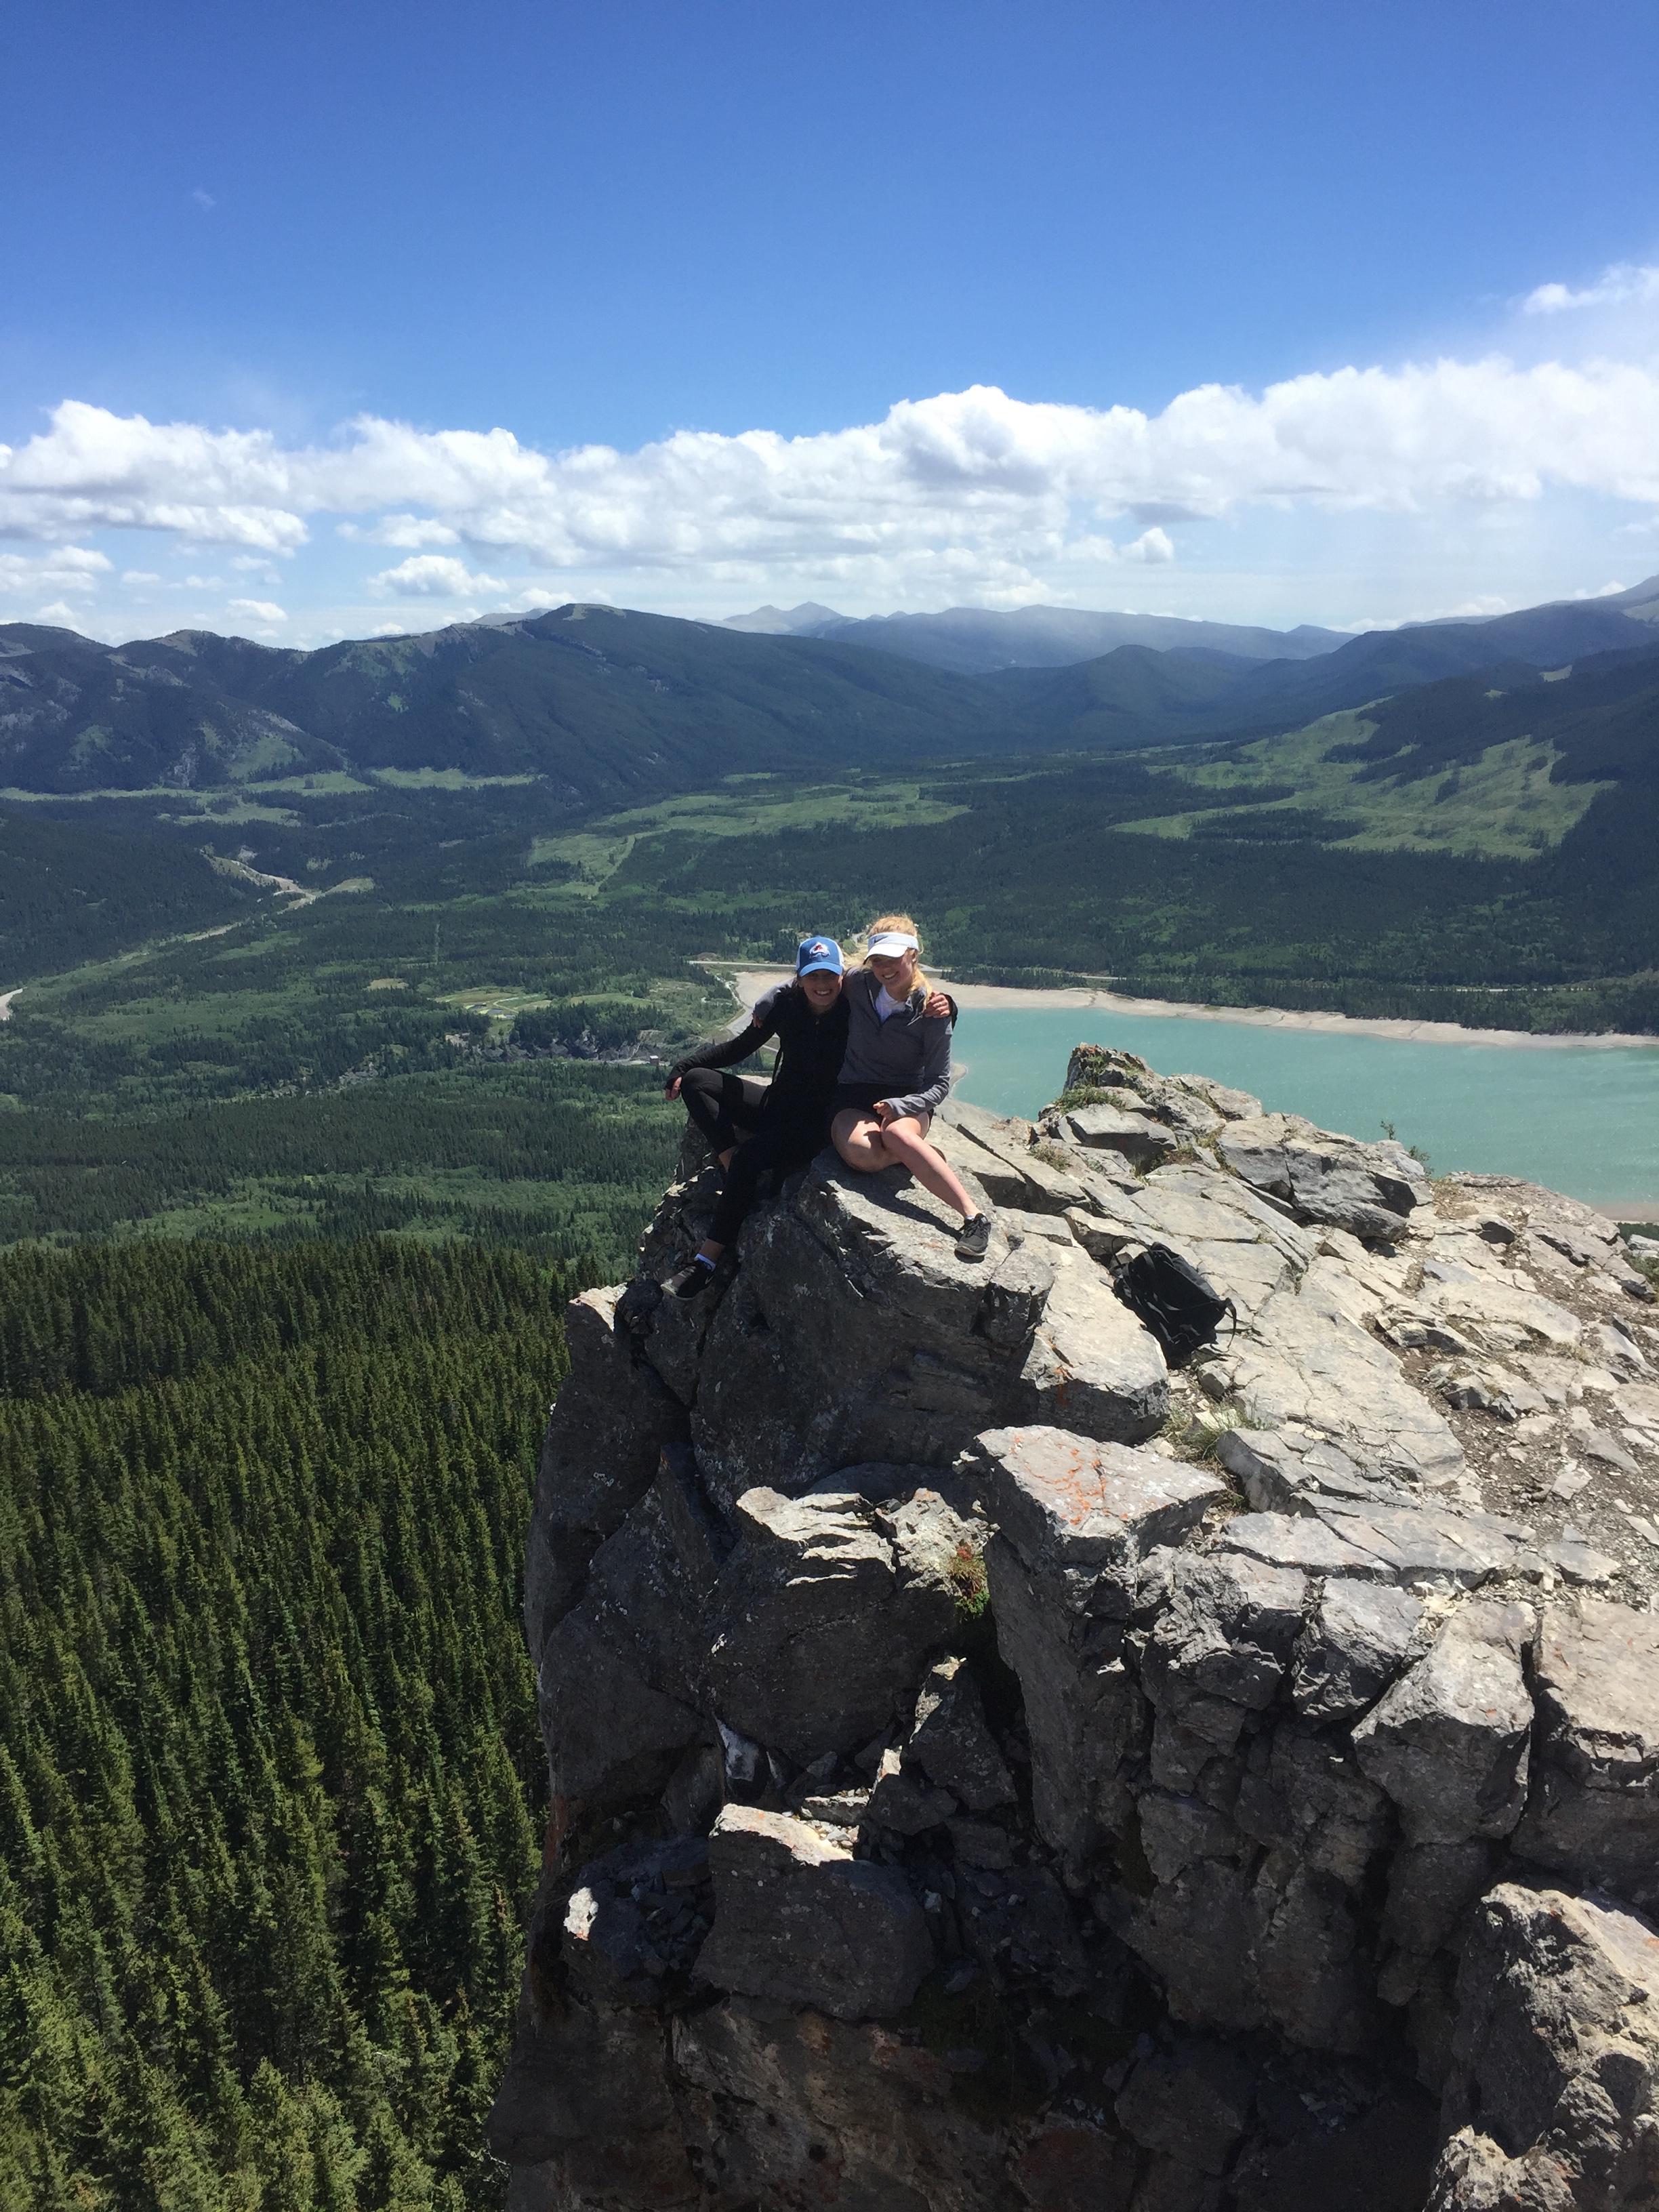 Tess O'Hara & Mary Peplinski out on a beautiful hike.